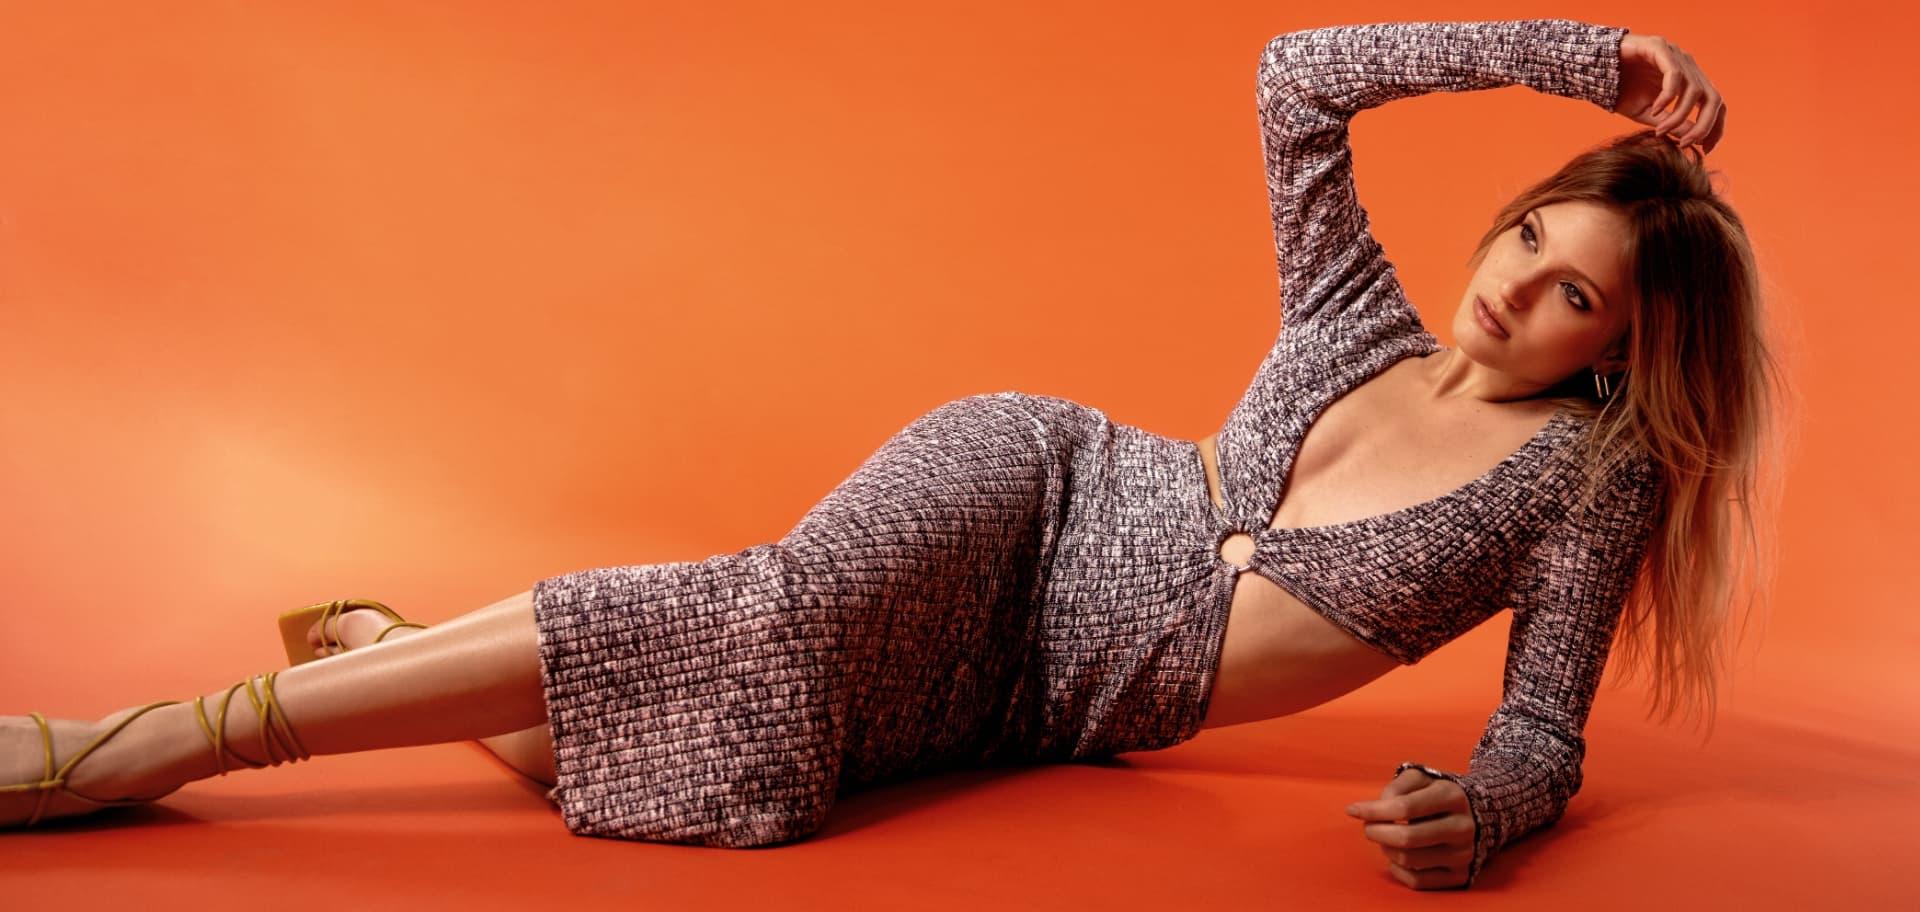 A model wears a knit wrap dress.